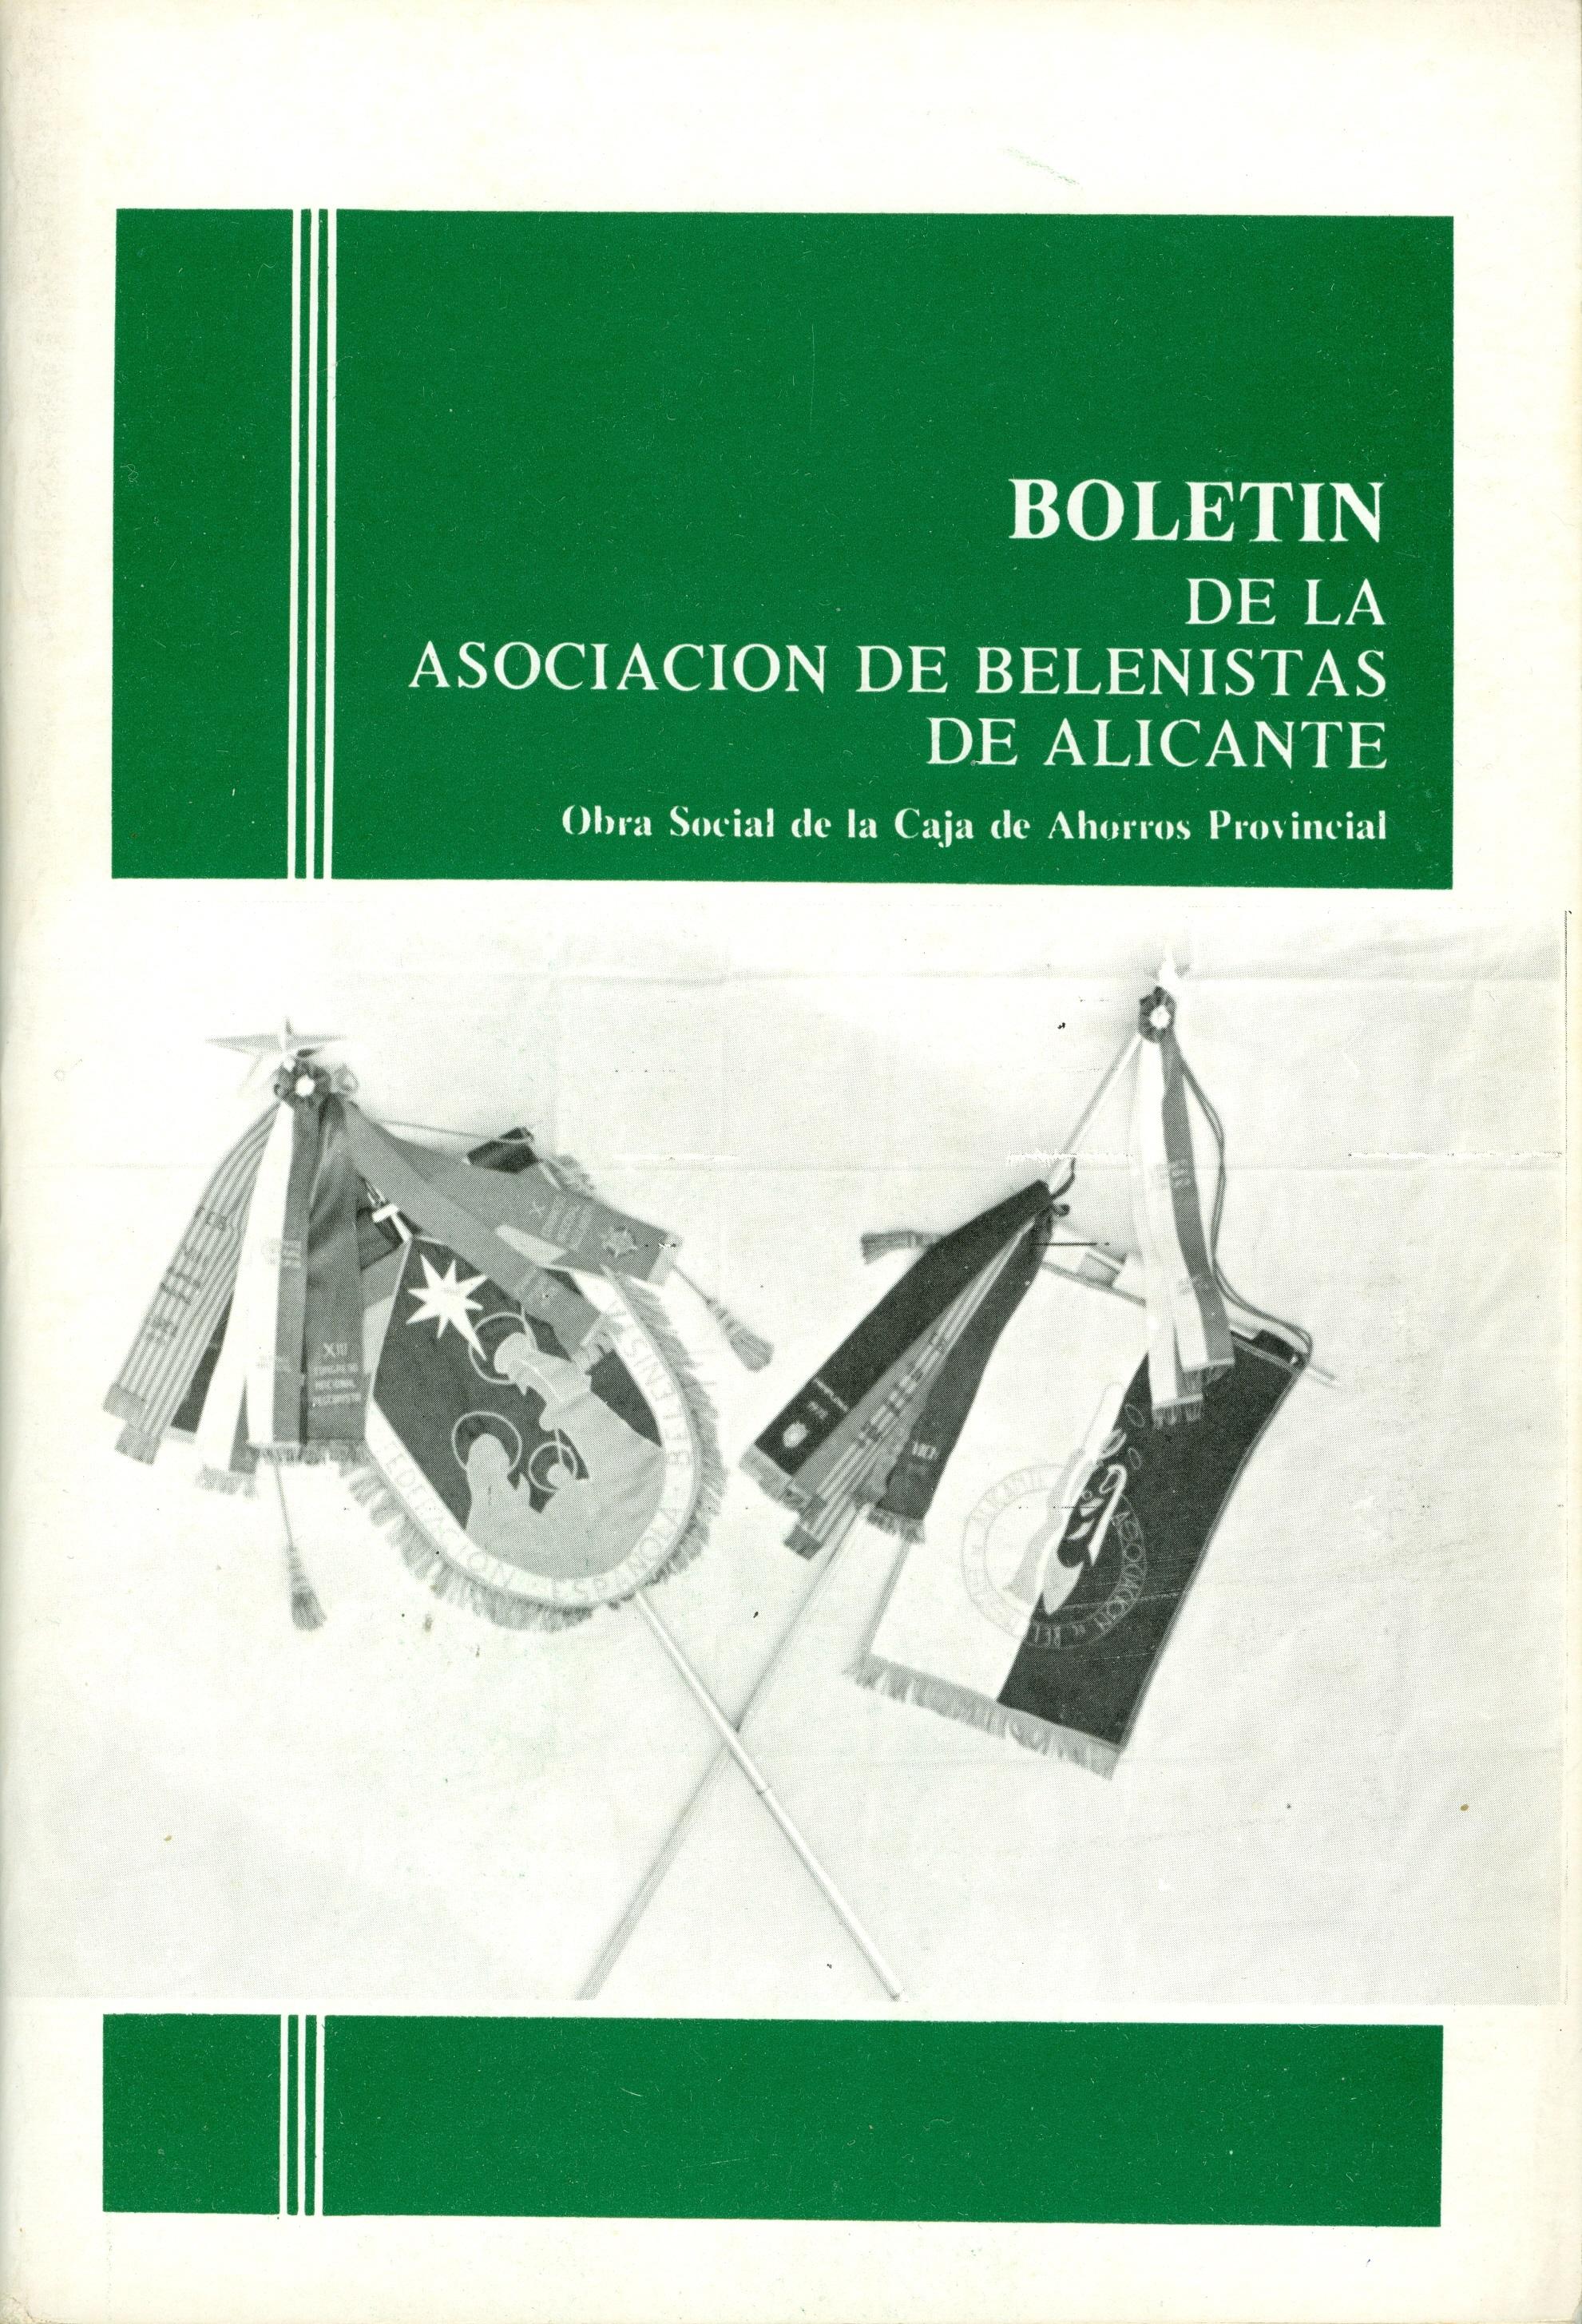 Portada del Boletín Nº 17 - 1975, de la Asociación de Belenistas de Alicante